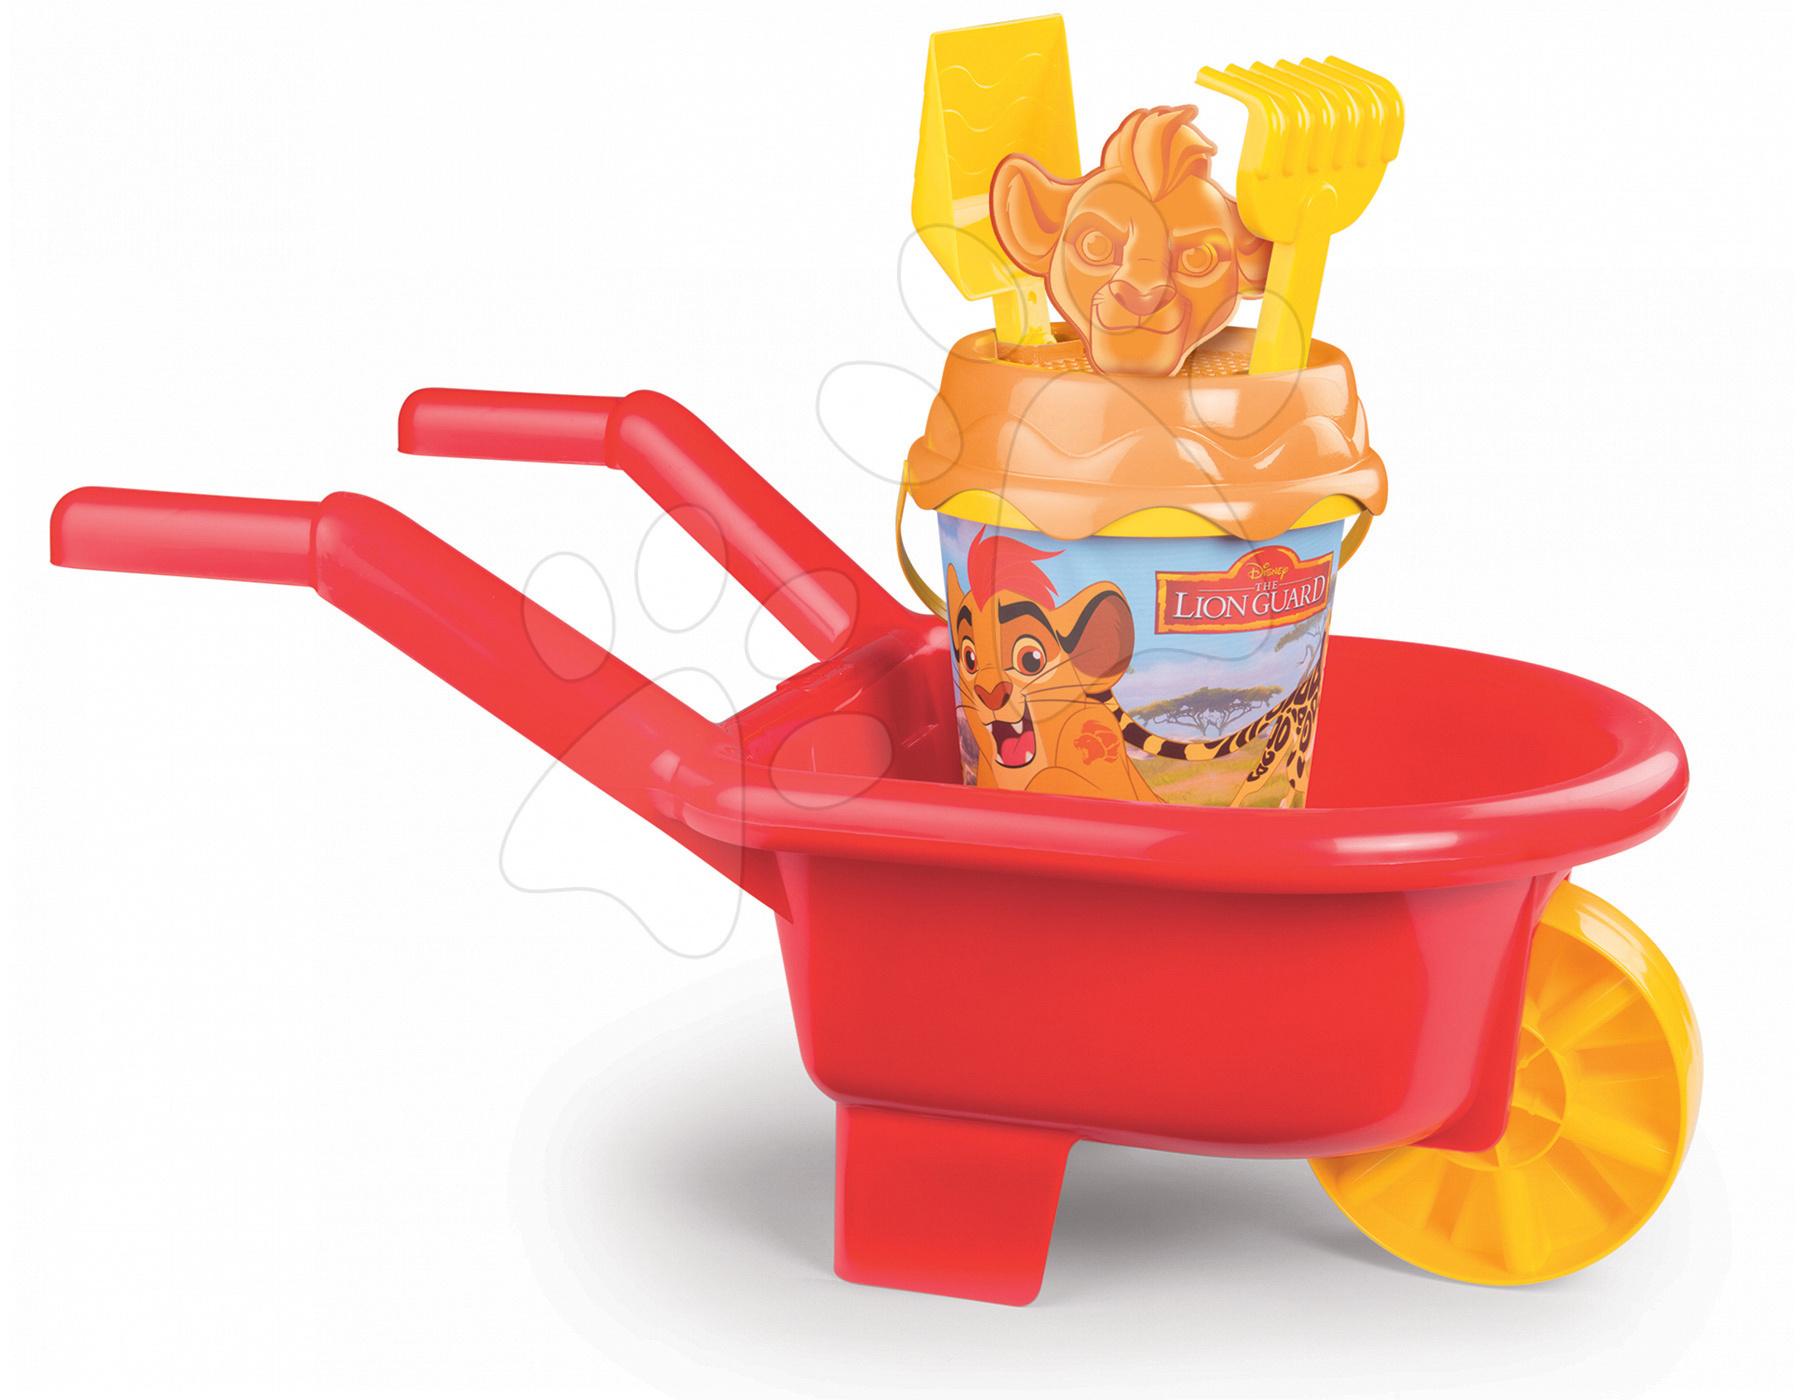 Kolečko Lví hlídka Smoby s kbelík setem 6 dílů červený od 18 měsíců